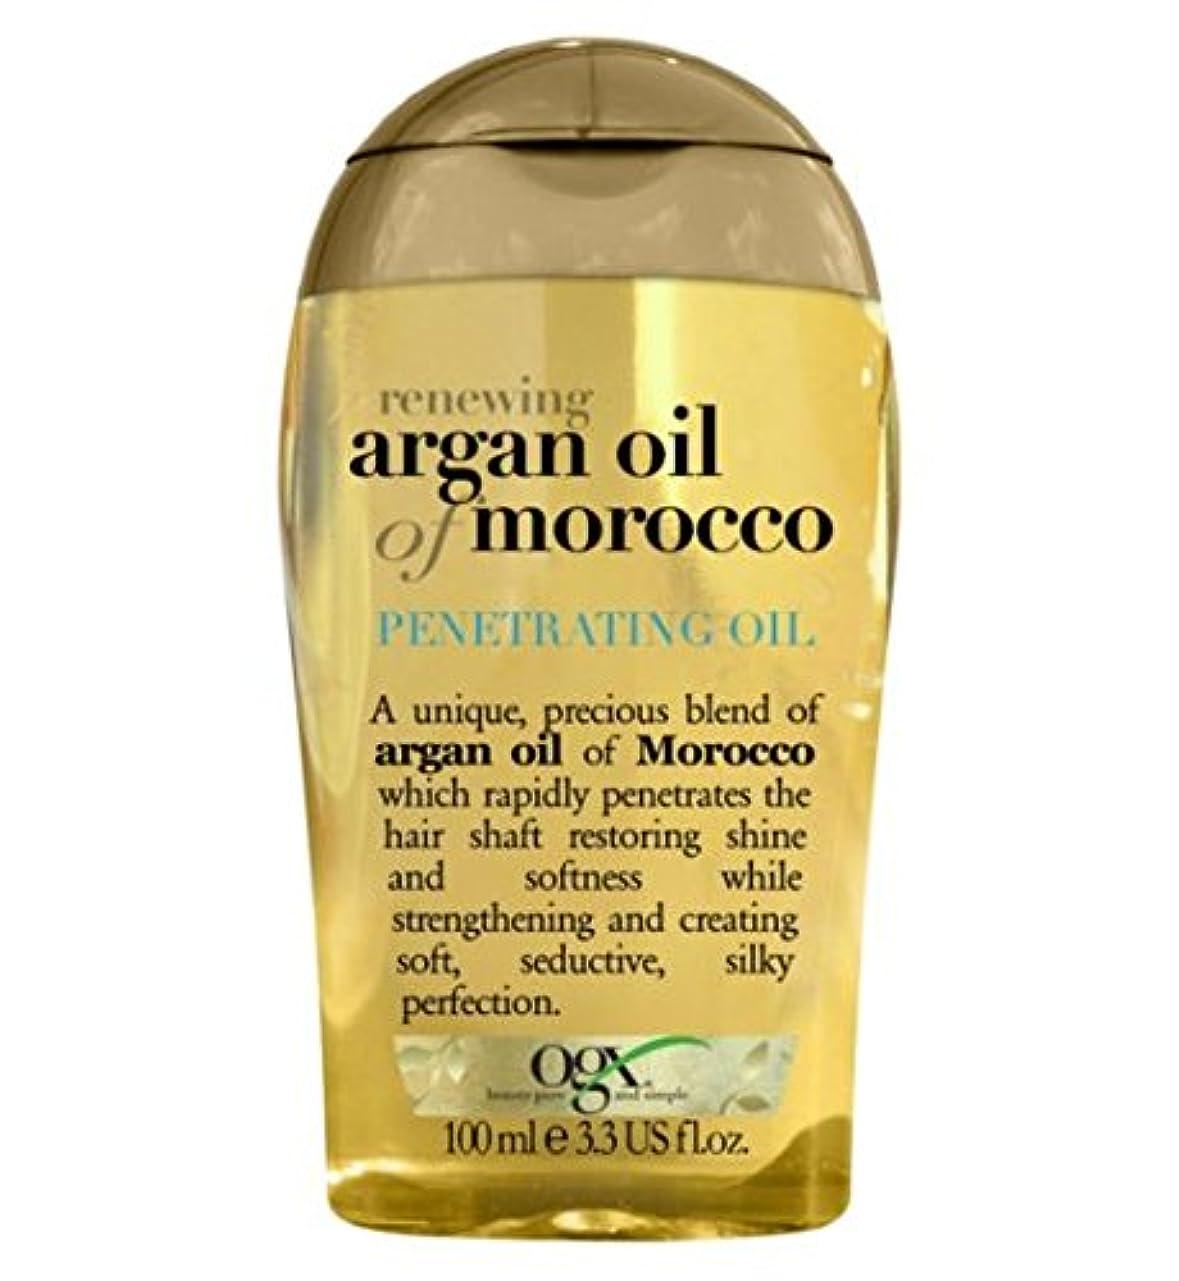 貧困慢性的エロチックOrganix Moroccan Argan Oil Penetrating Oil 100 ml (並行輸入品)